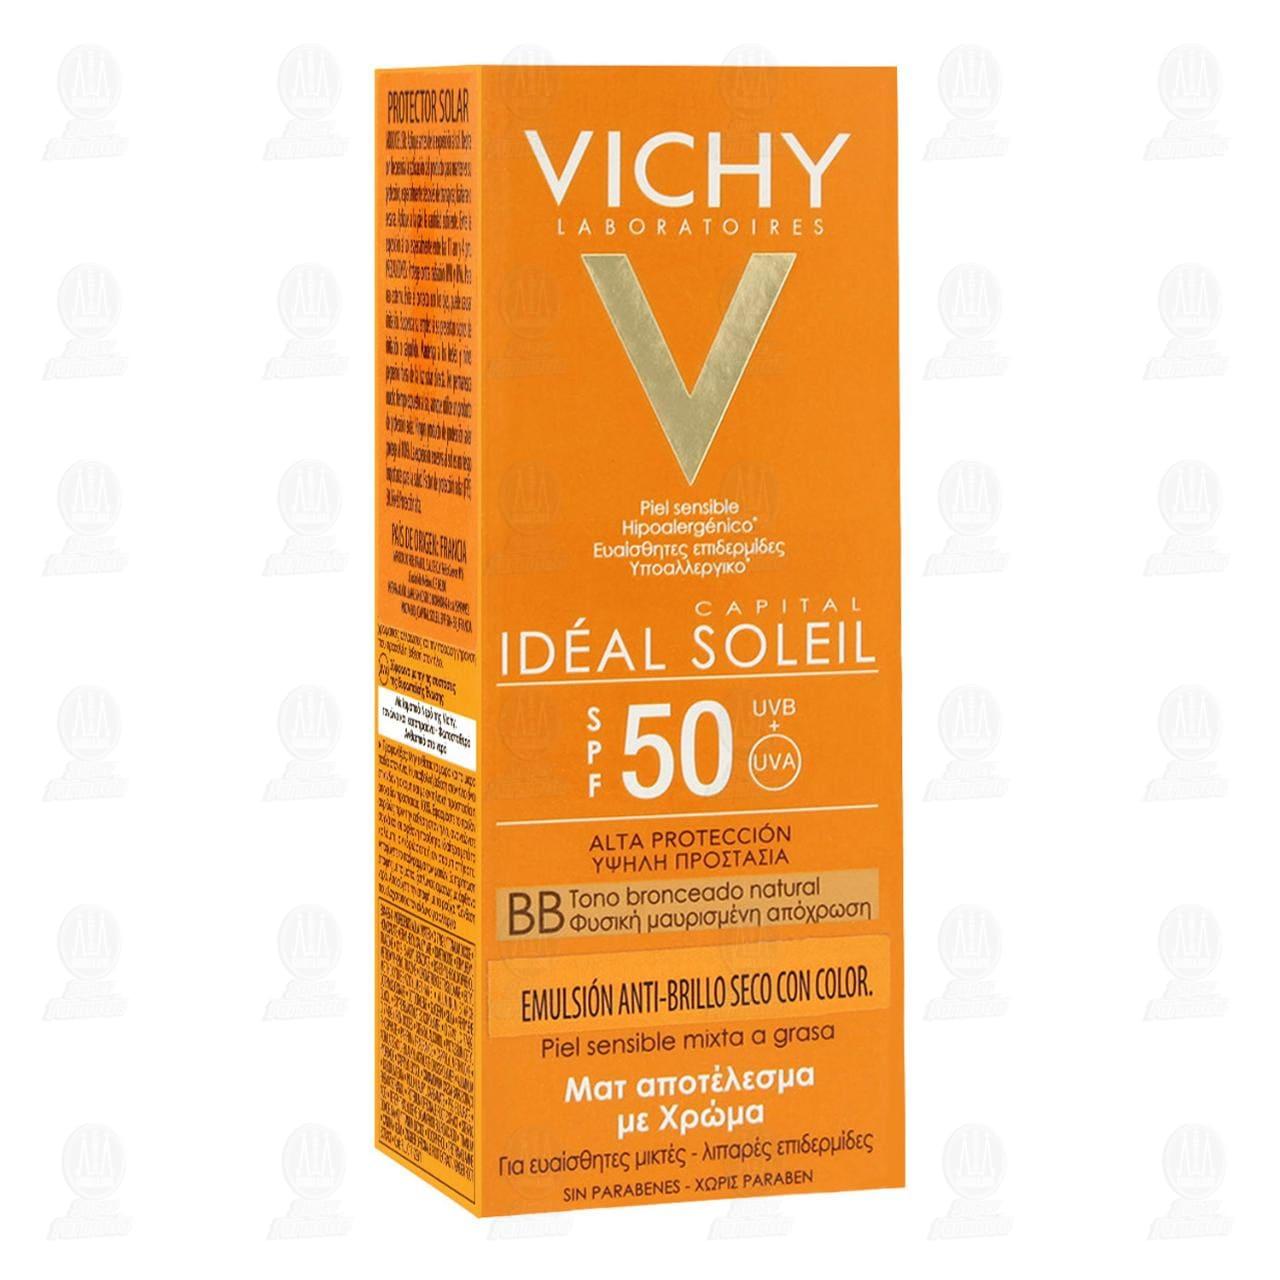 comprar https://www.movil.farmaciasguadalajara.com/wcsstore/FGCAS/wcs/products/1262815_A_1280_AL.jpg en farmacias guadalajara